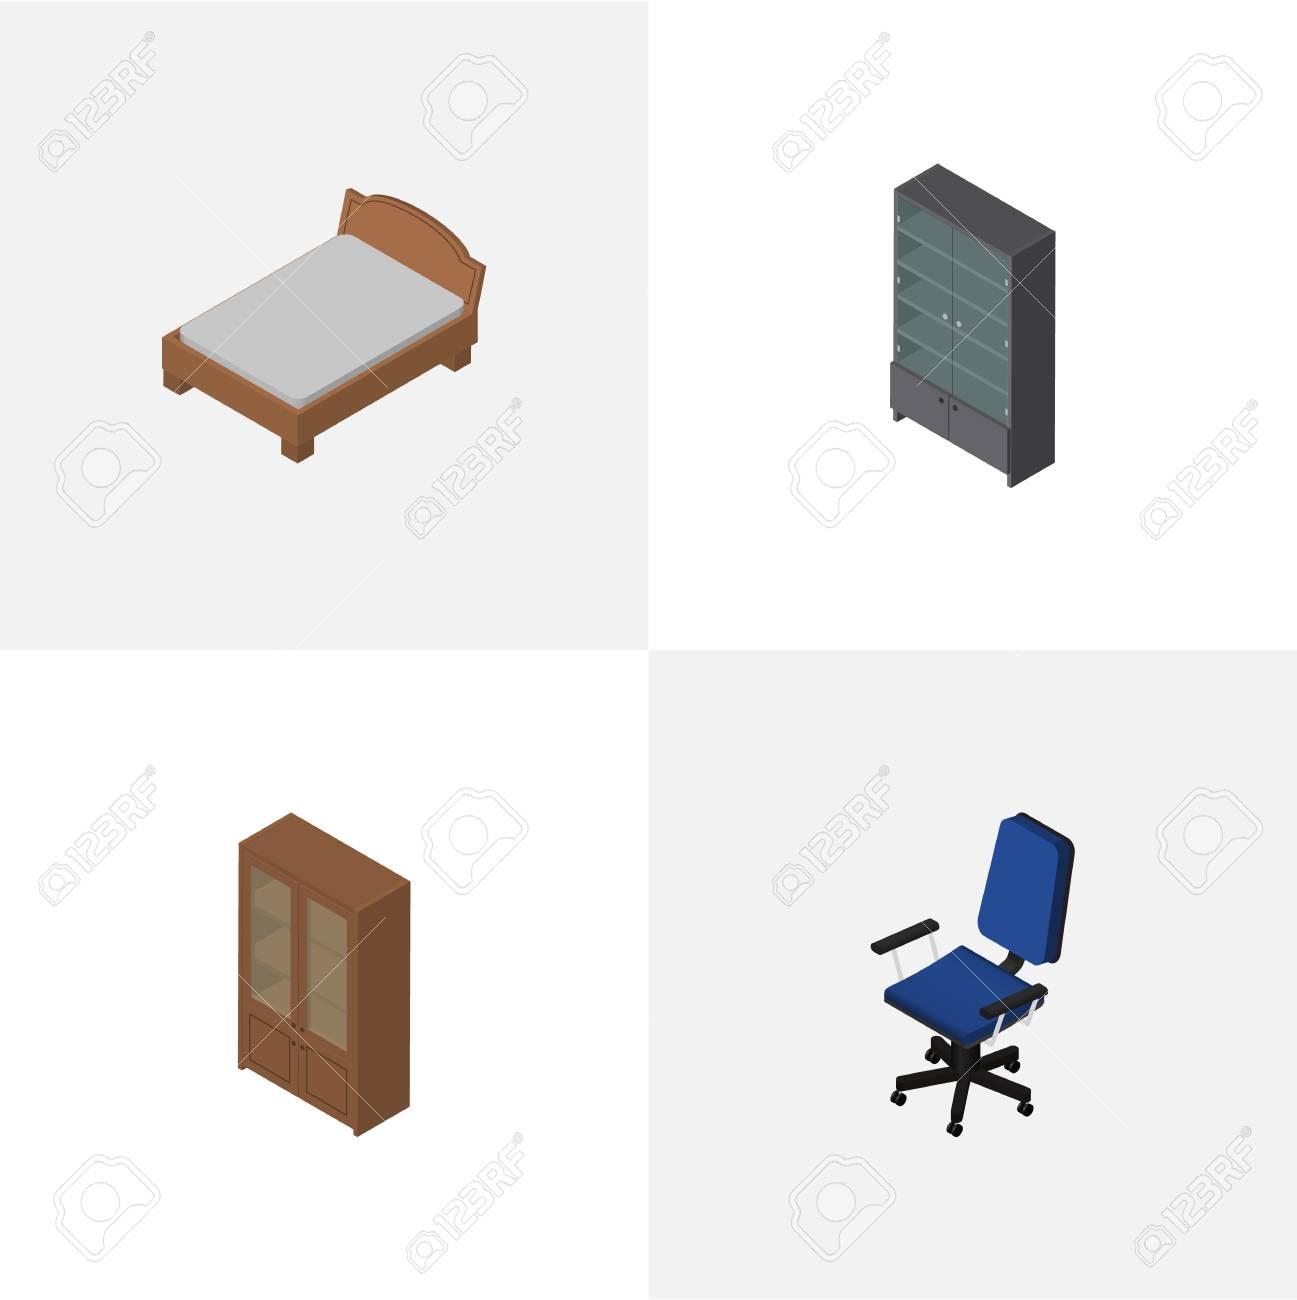 Cool Anrichten Möbel Beste Wahl Isometrischer Möbel-satz Büro, Anrichten, Bettgestell Und Andere